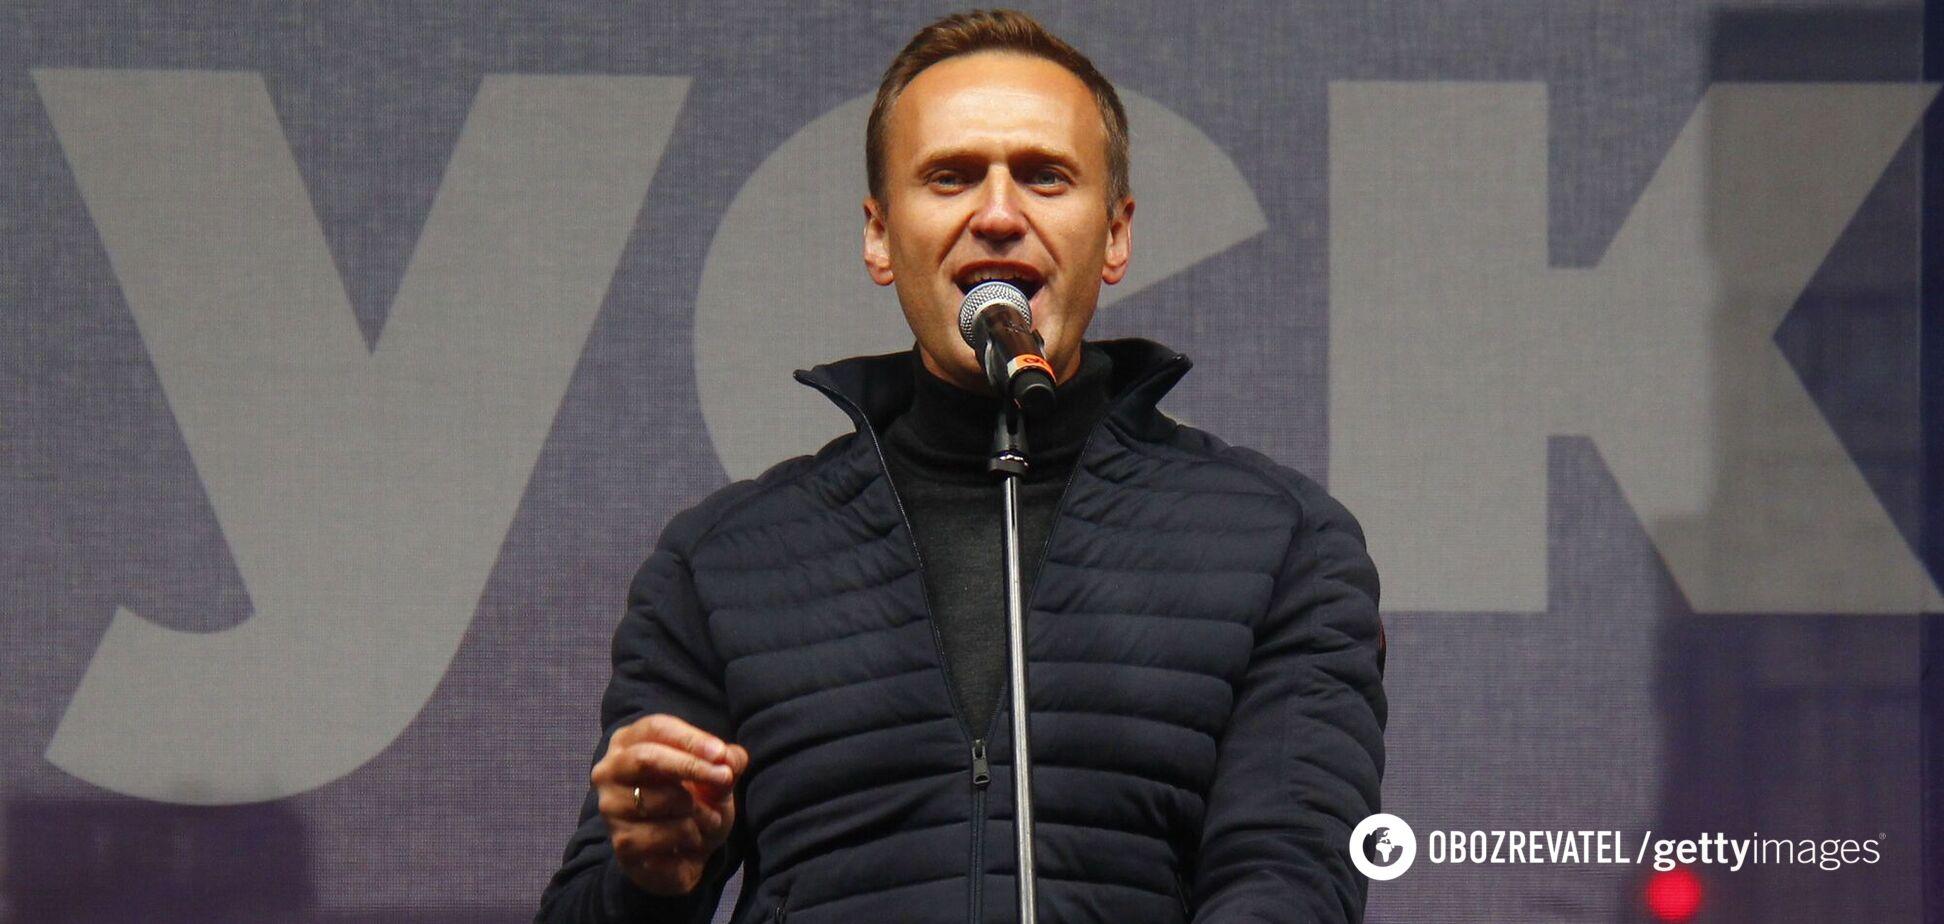 Выздоровление Навального: осознает ли он свою ответственность?